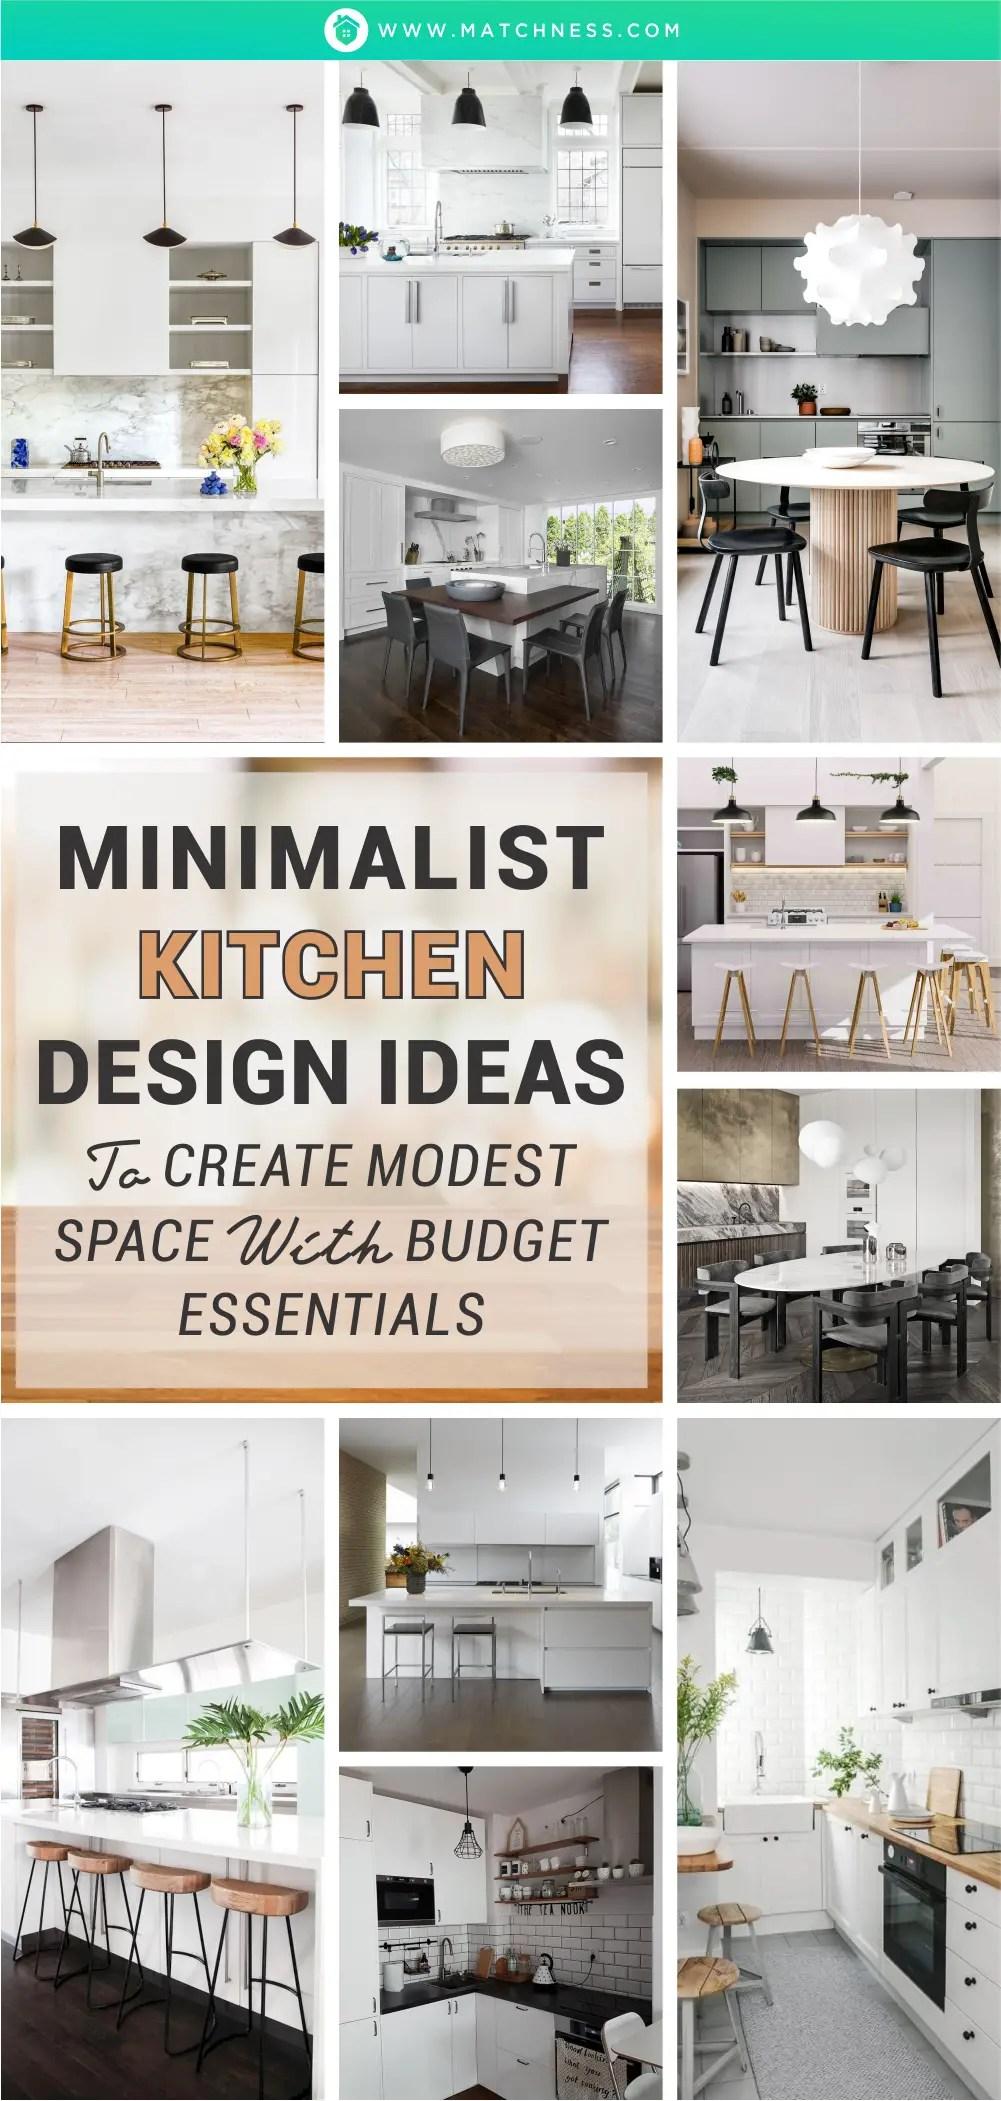 Minimalist-kitchen-design-ideas-to-create-modest-space-with-budget-essentials-1